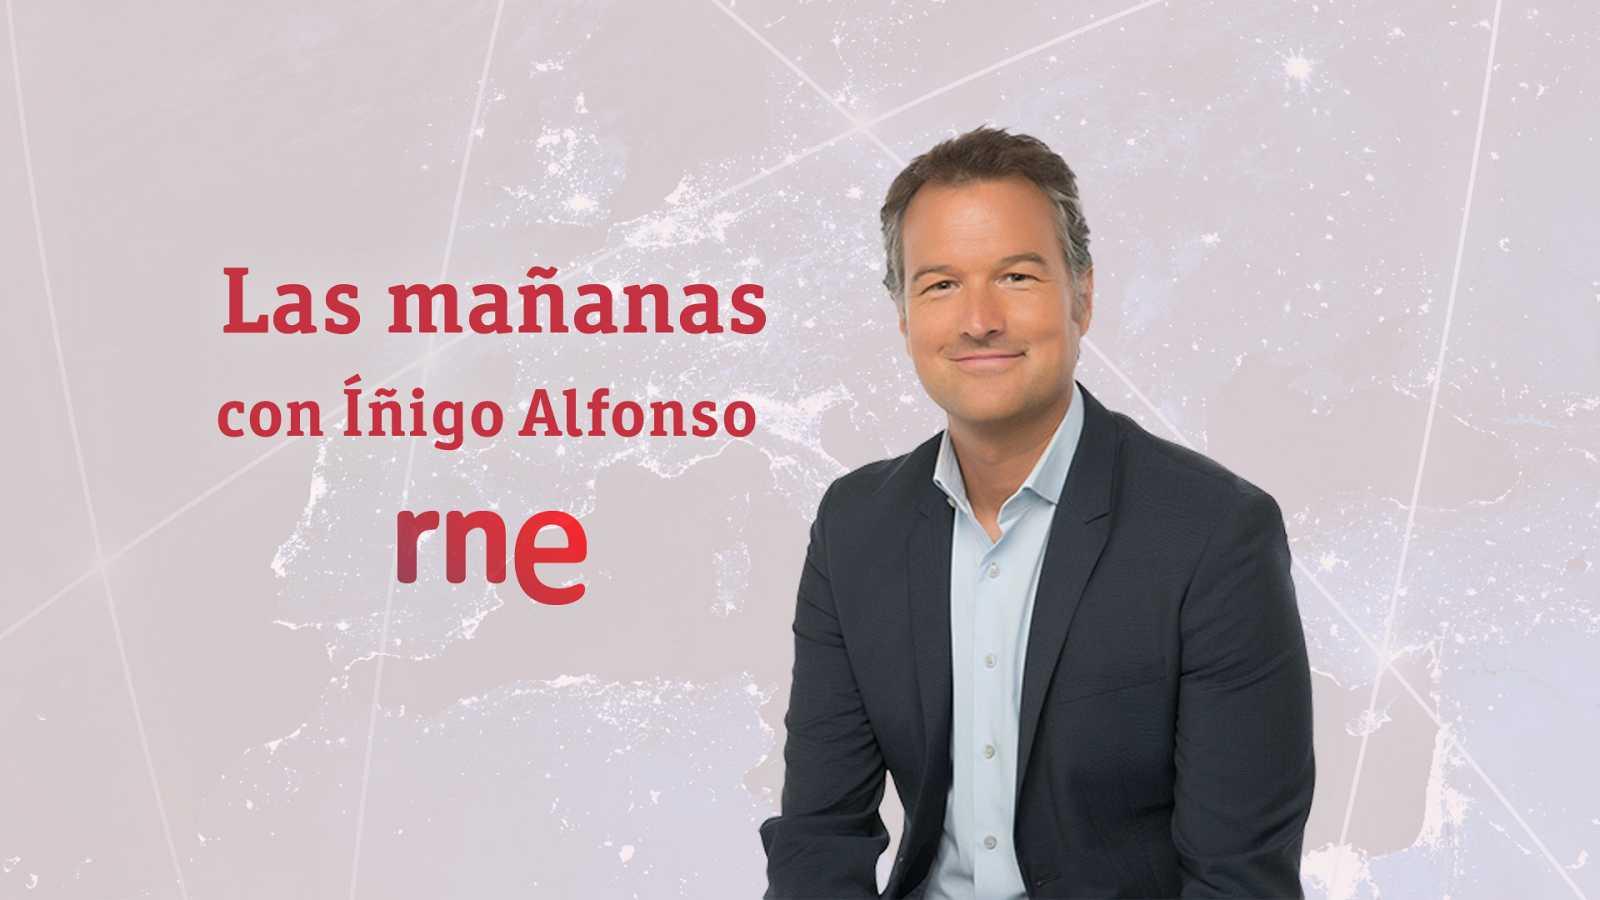 Las mañanas de RNE con Íñigo Alfonso - Segunda hora - 26/03/20 - escuchar ahora